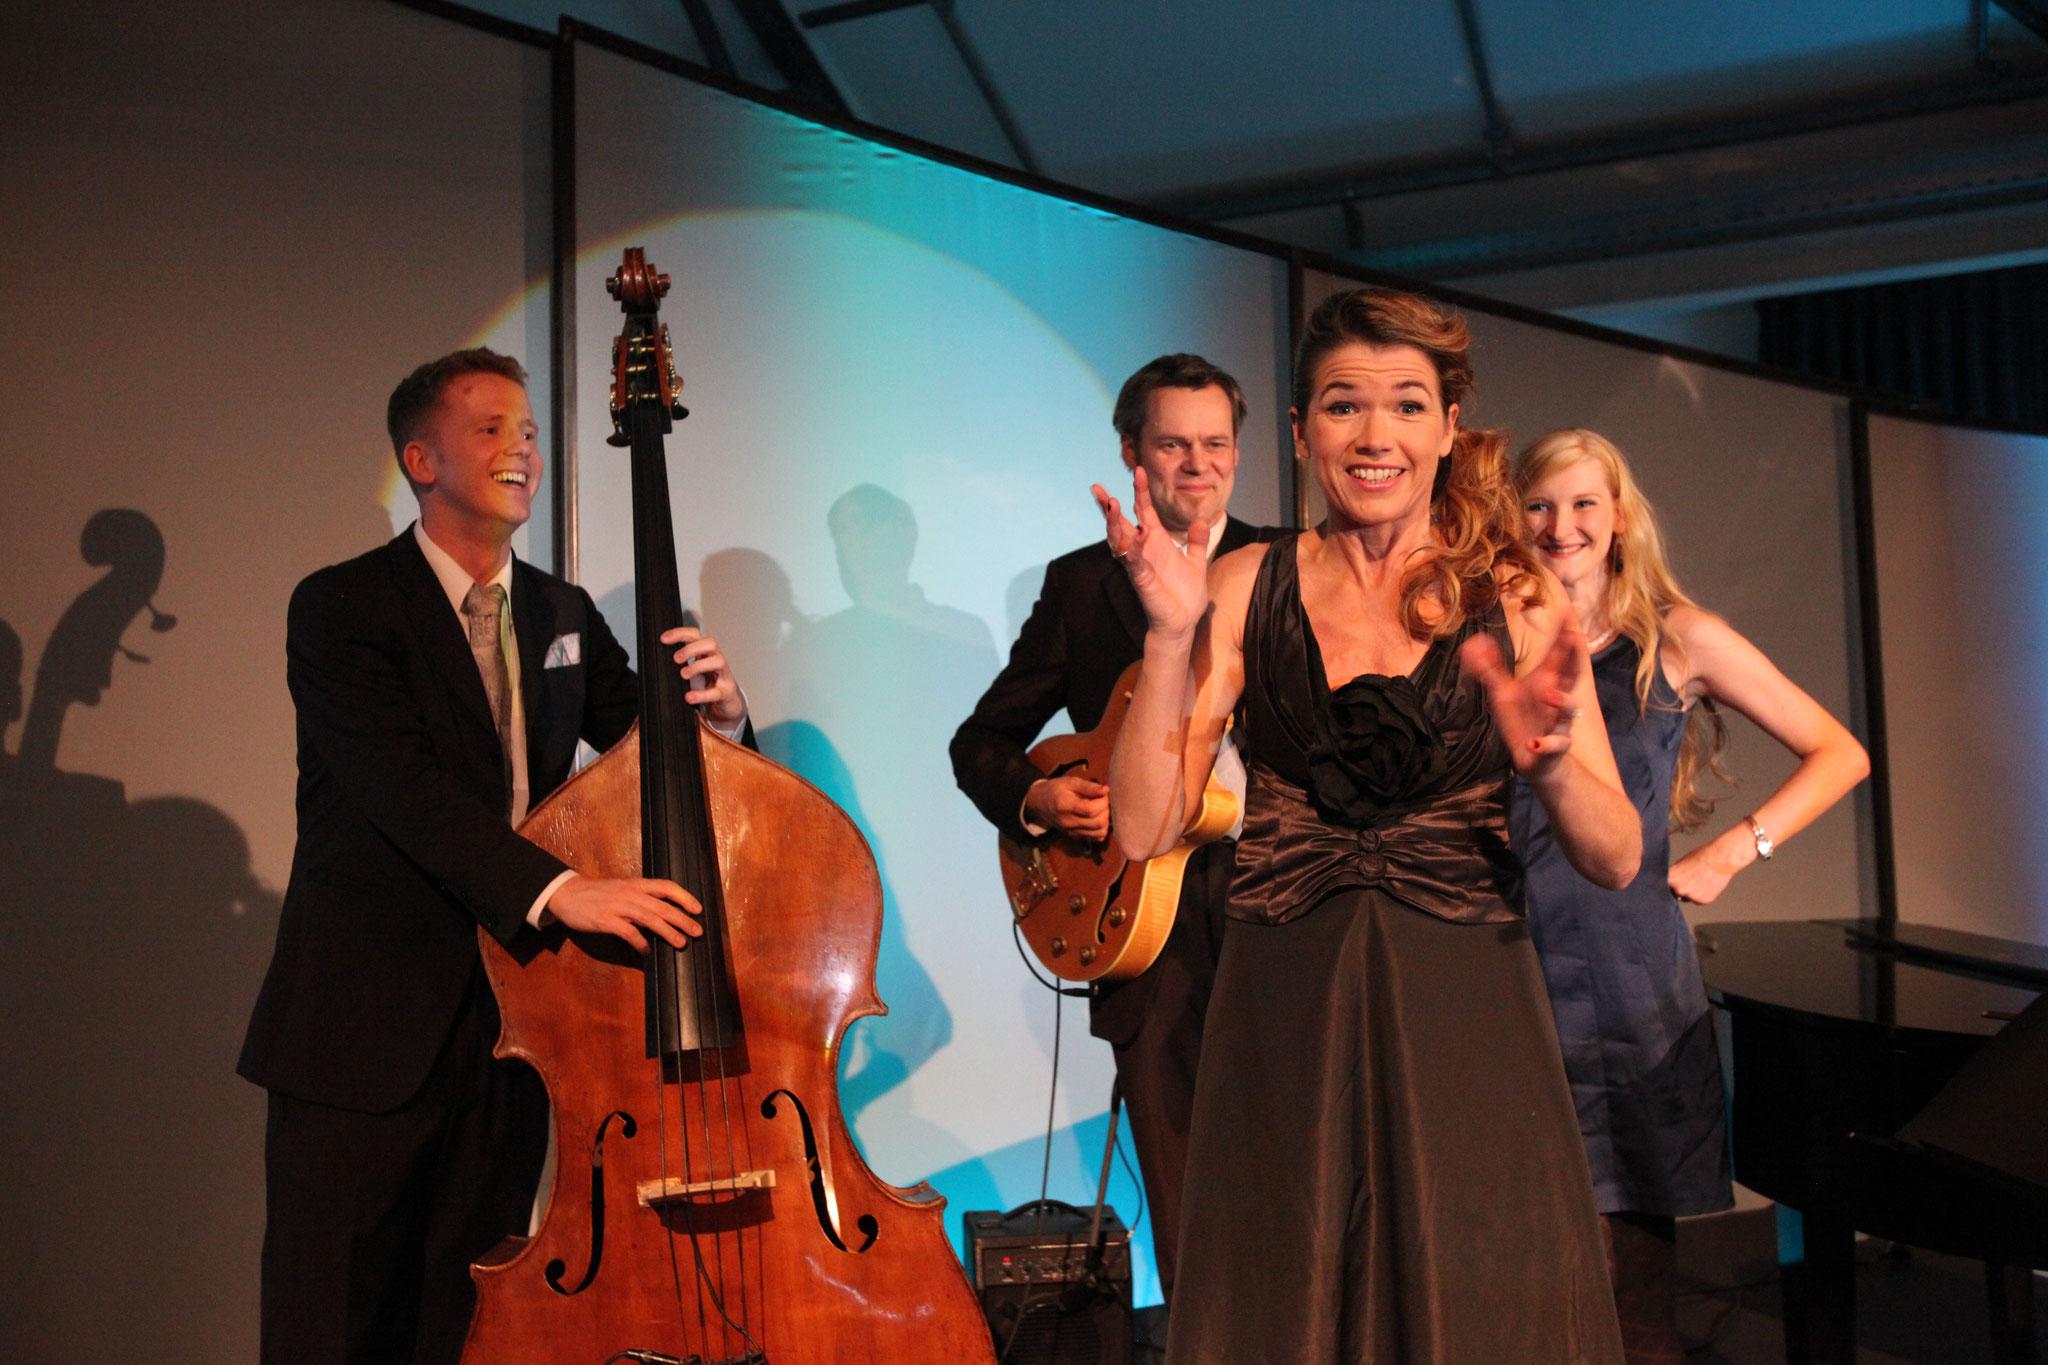 Jazzband Hamburg - Preisverleihung